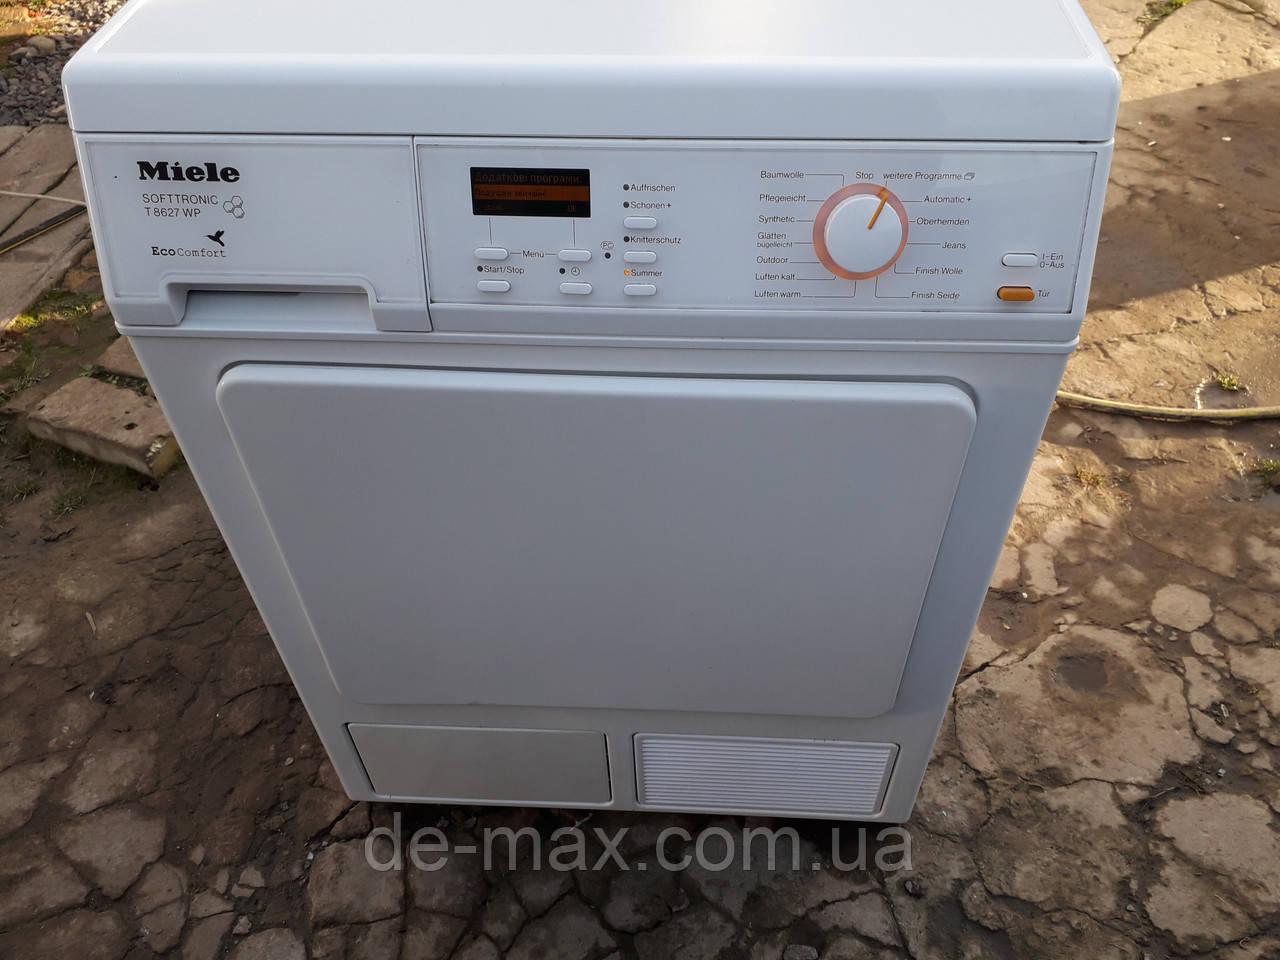 Сушильная машина с тепловым насосом MIELE T 8627 WP Eco Comfort